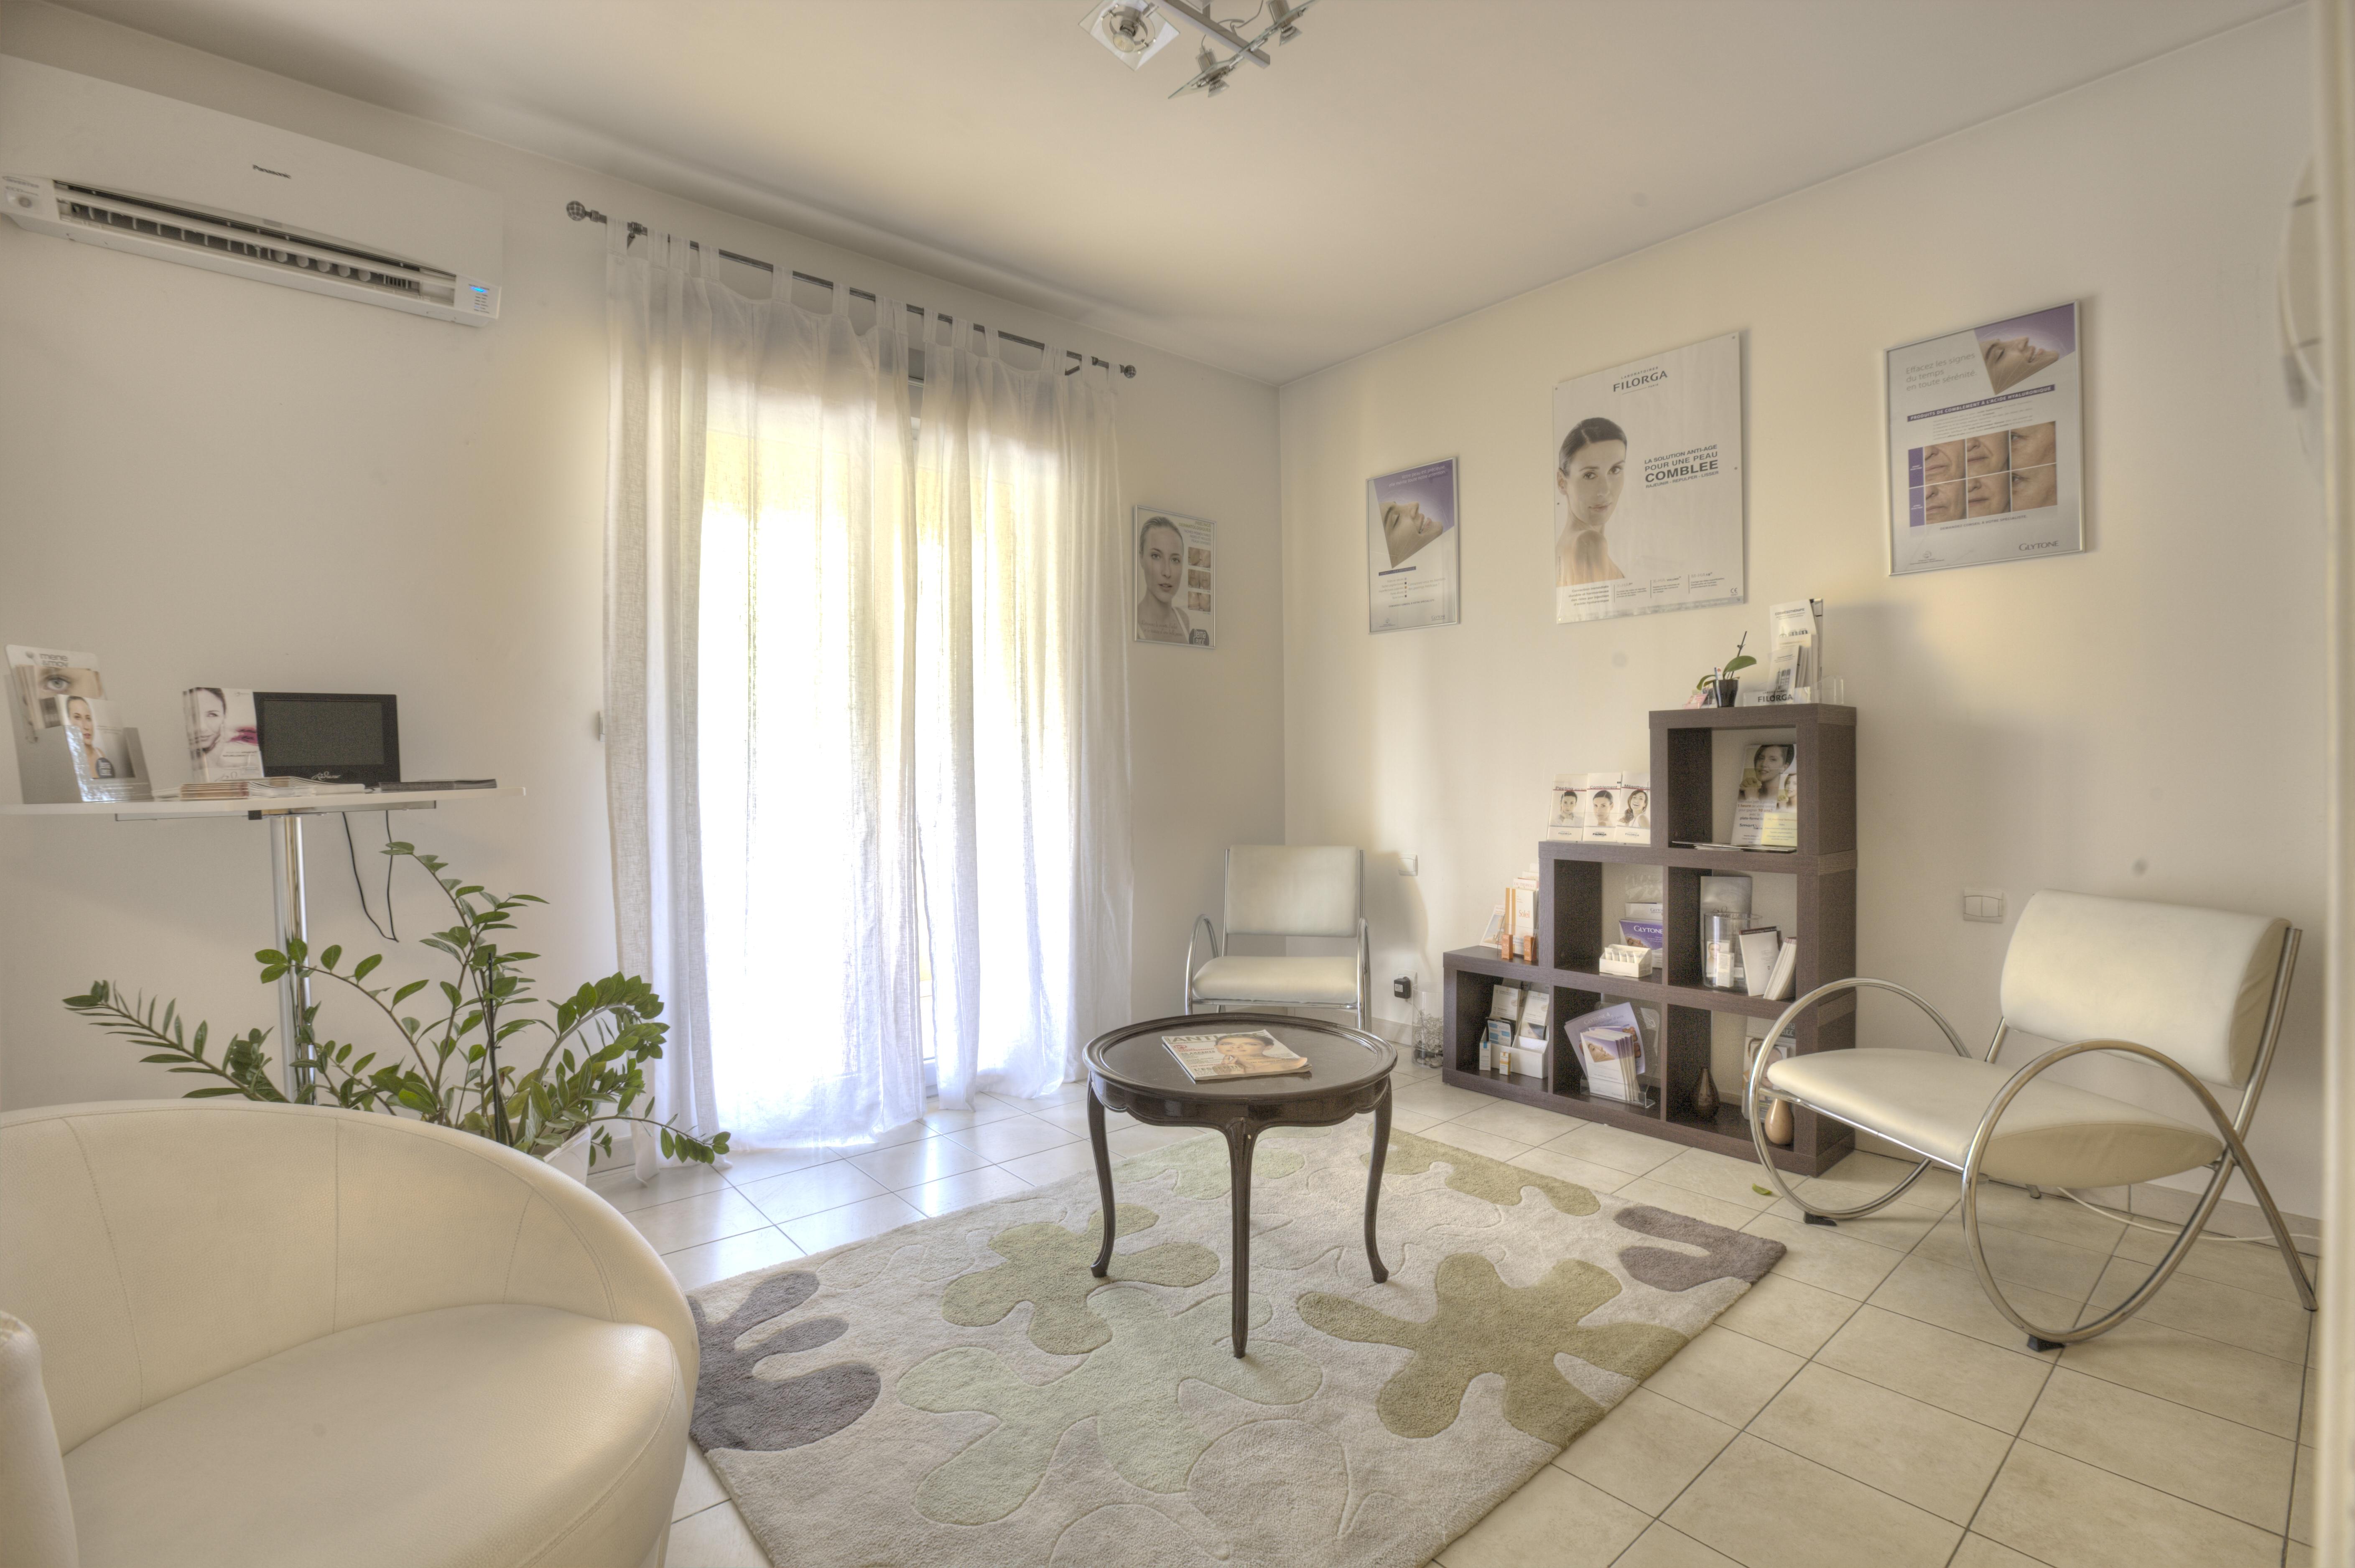 salle d 39 attente docteur sandra ugolini m decine esth tique grasse. Black Bedroom Furniture Sets. Home Design Ideas